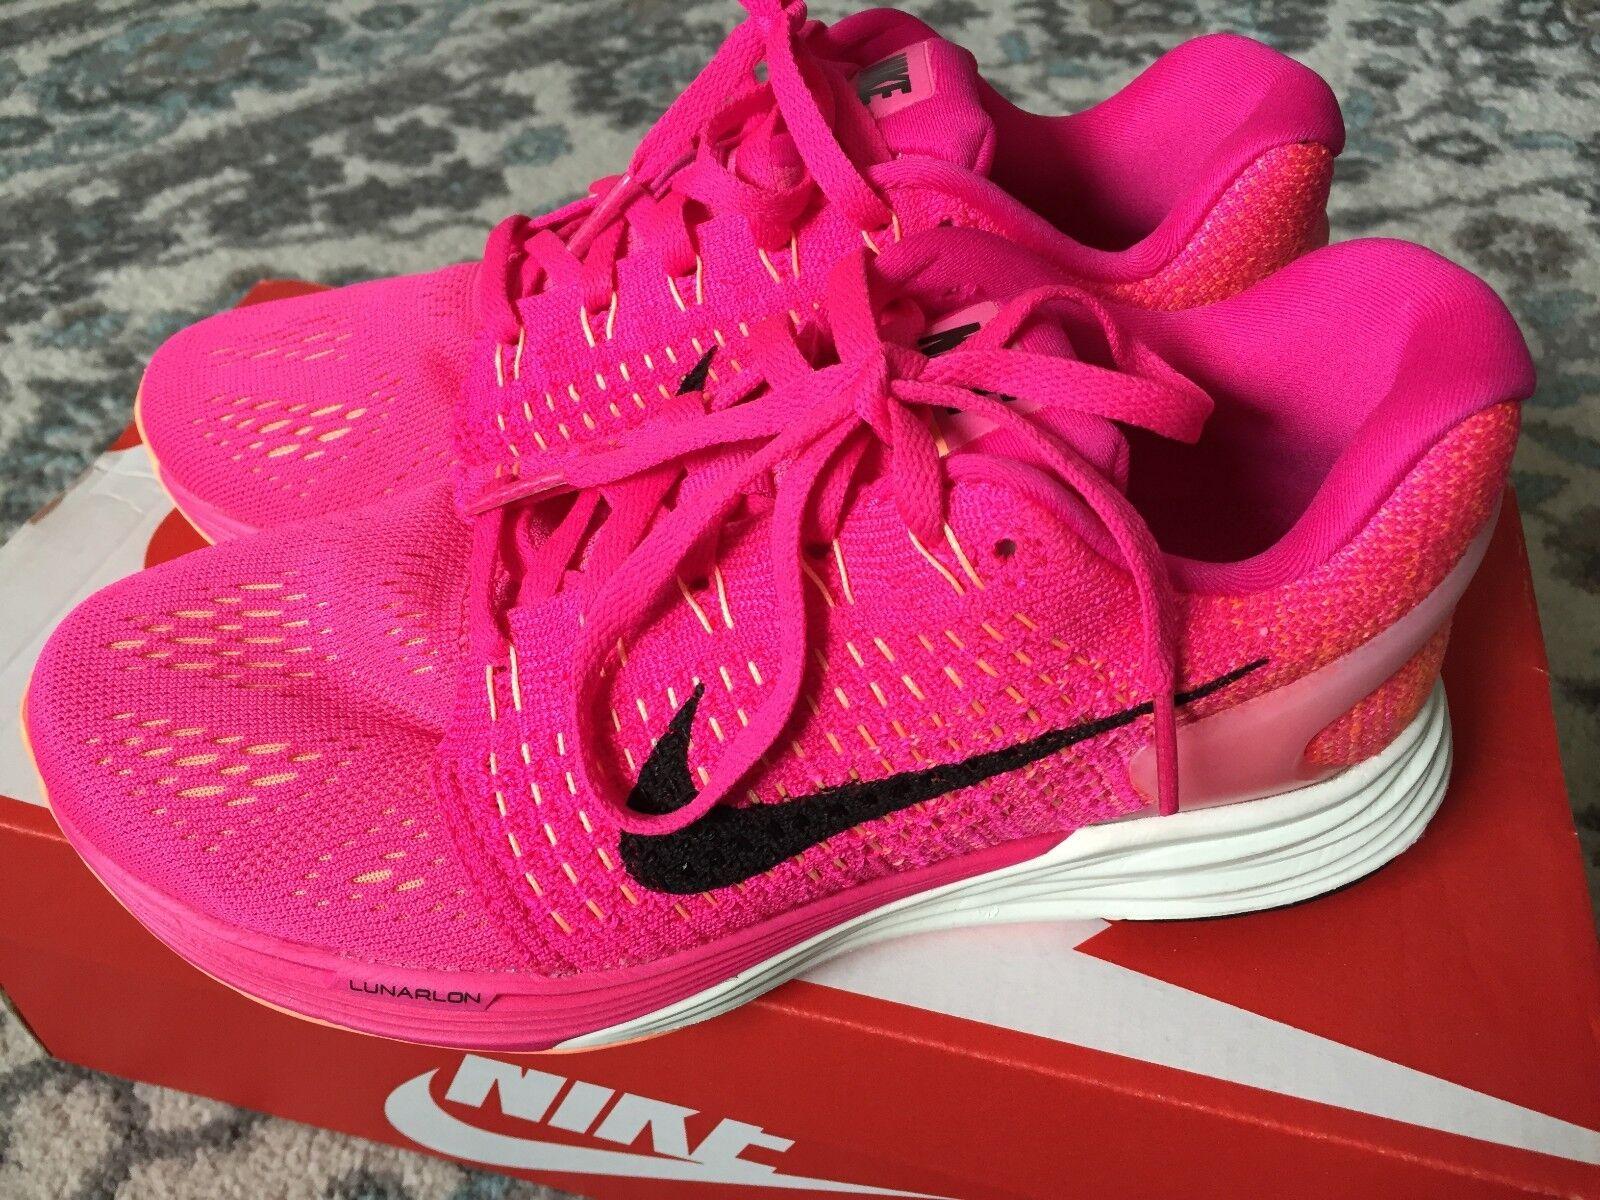 Nike Lunarglide 7 Women's 747356-600 Running Shoes Size 5